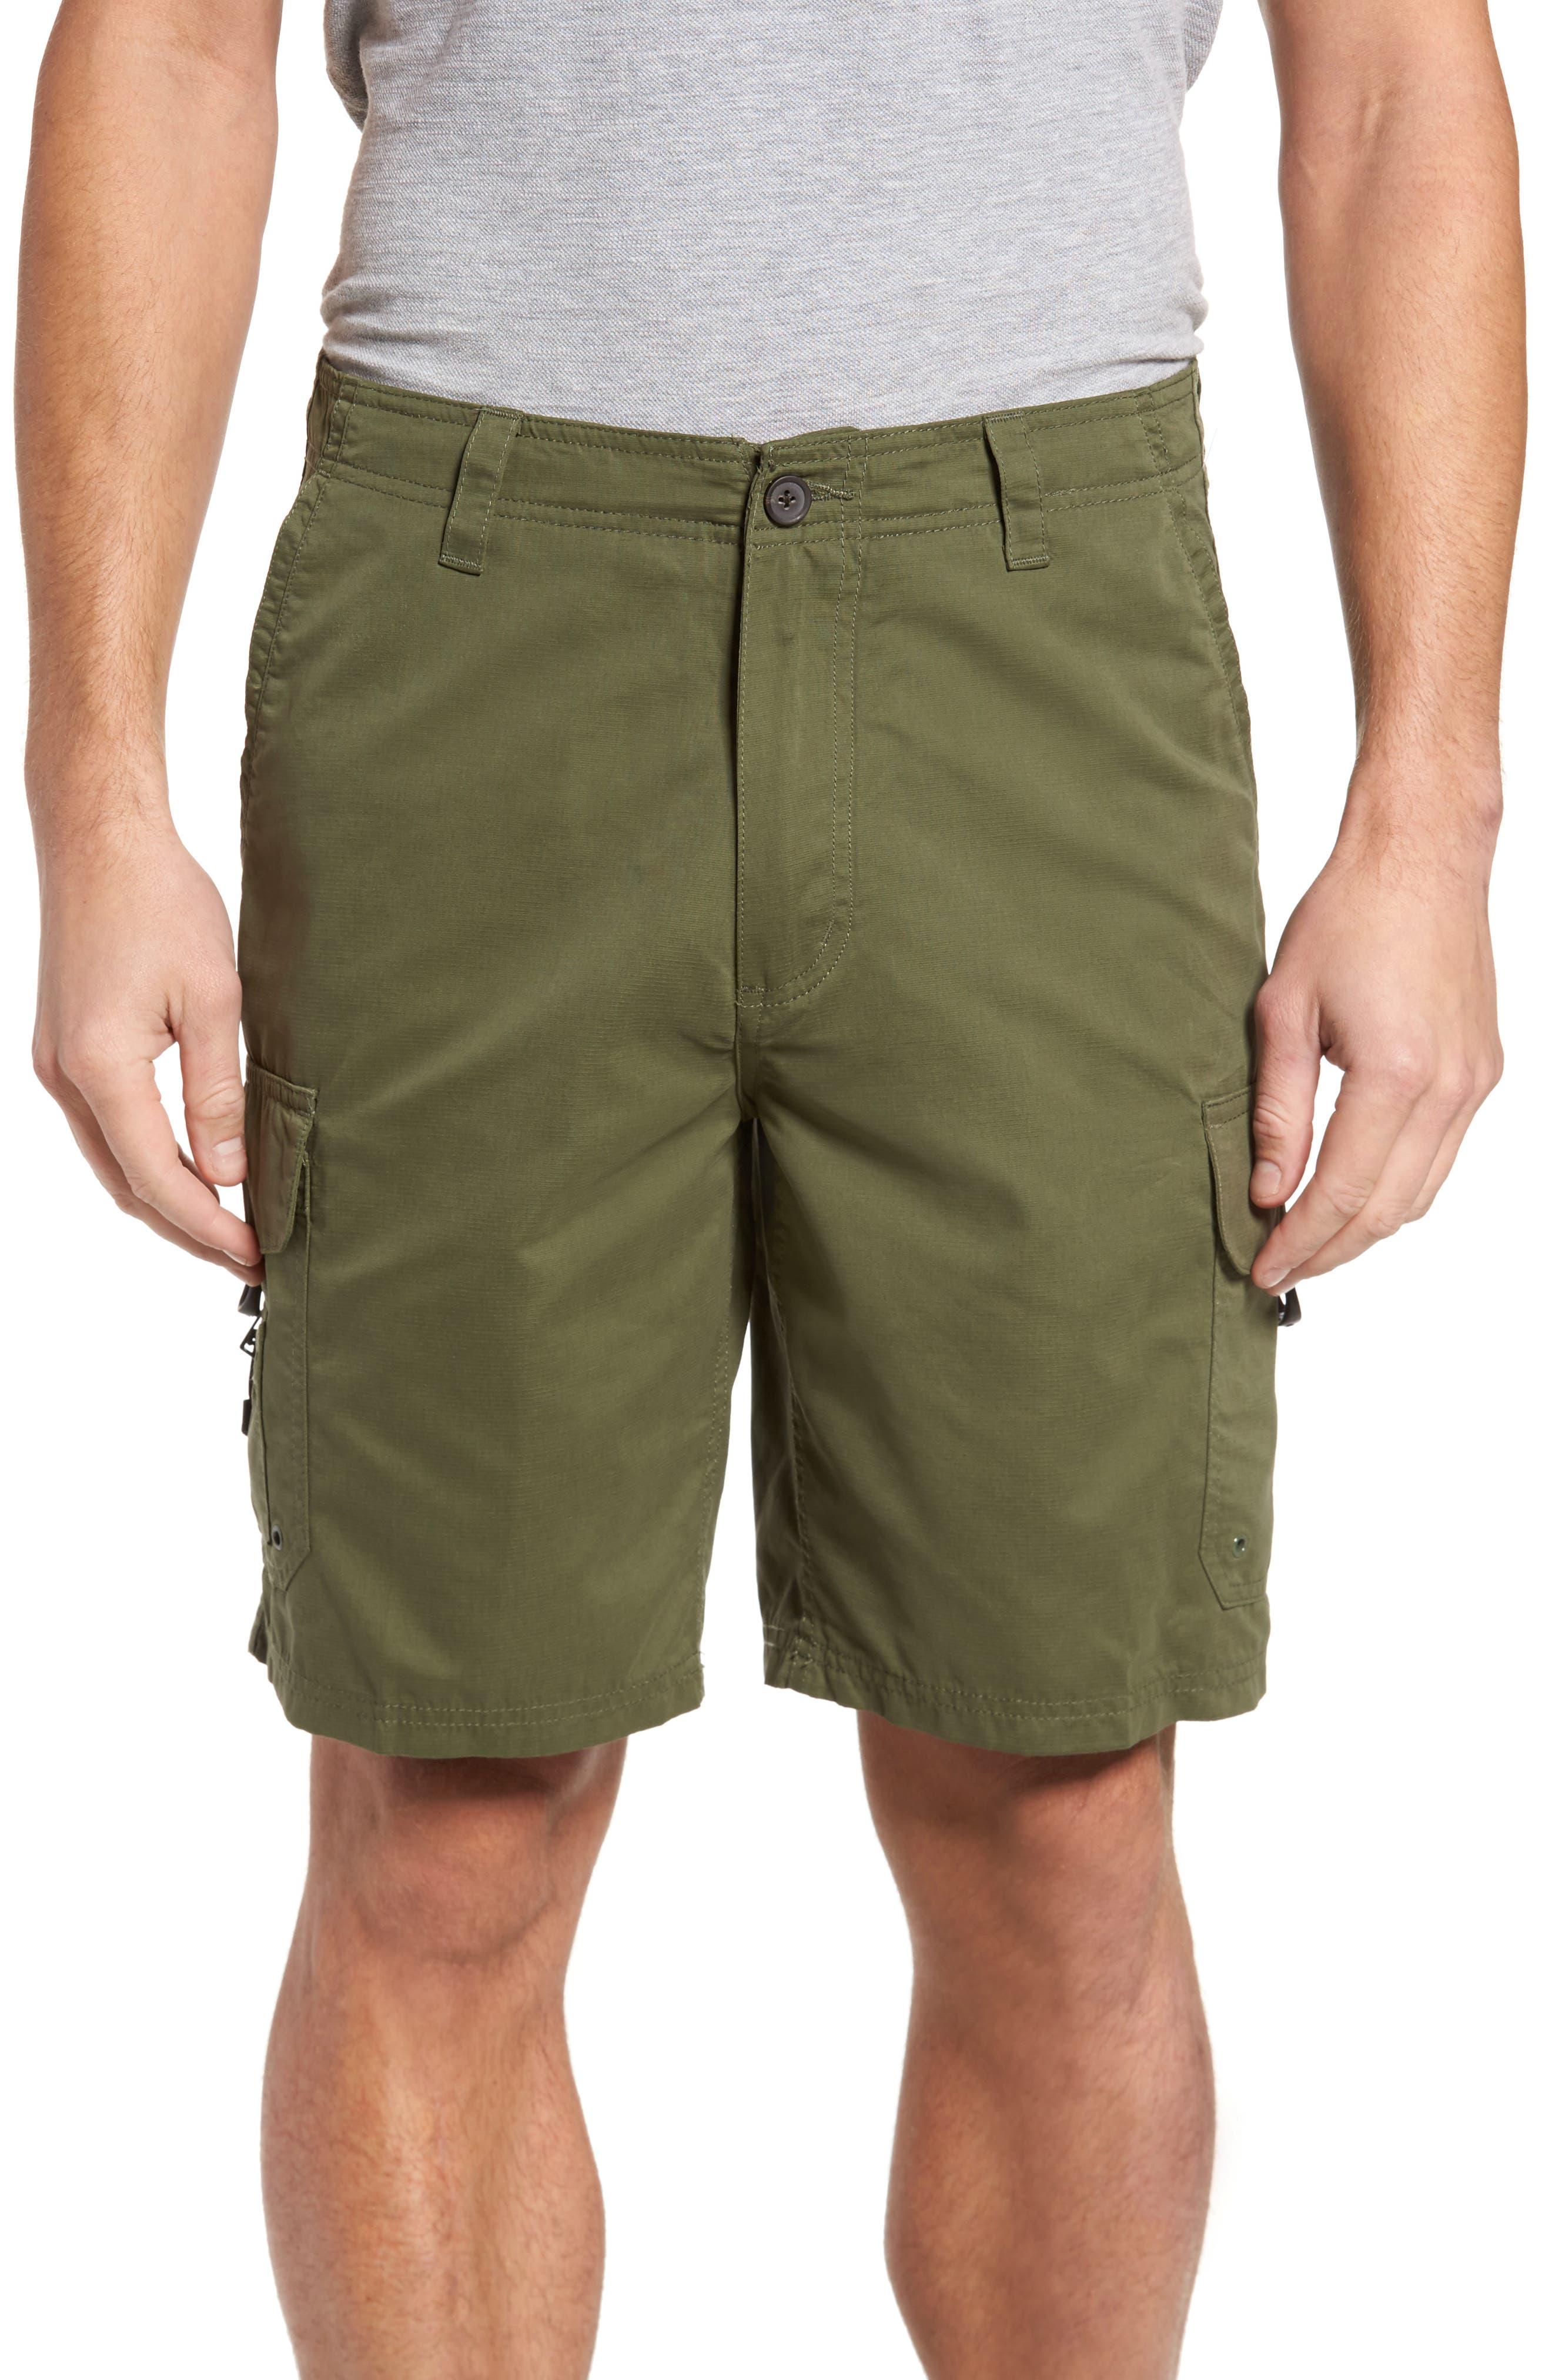 Maldive Cargo Shorts,                             Main thumbnail 1, color,                             304